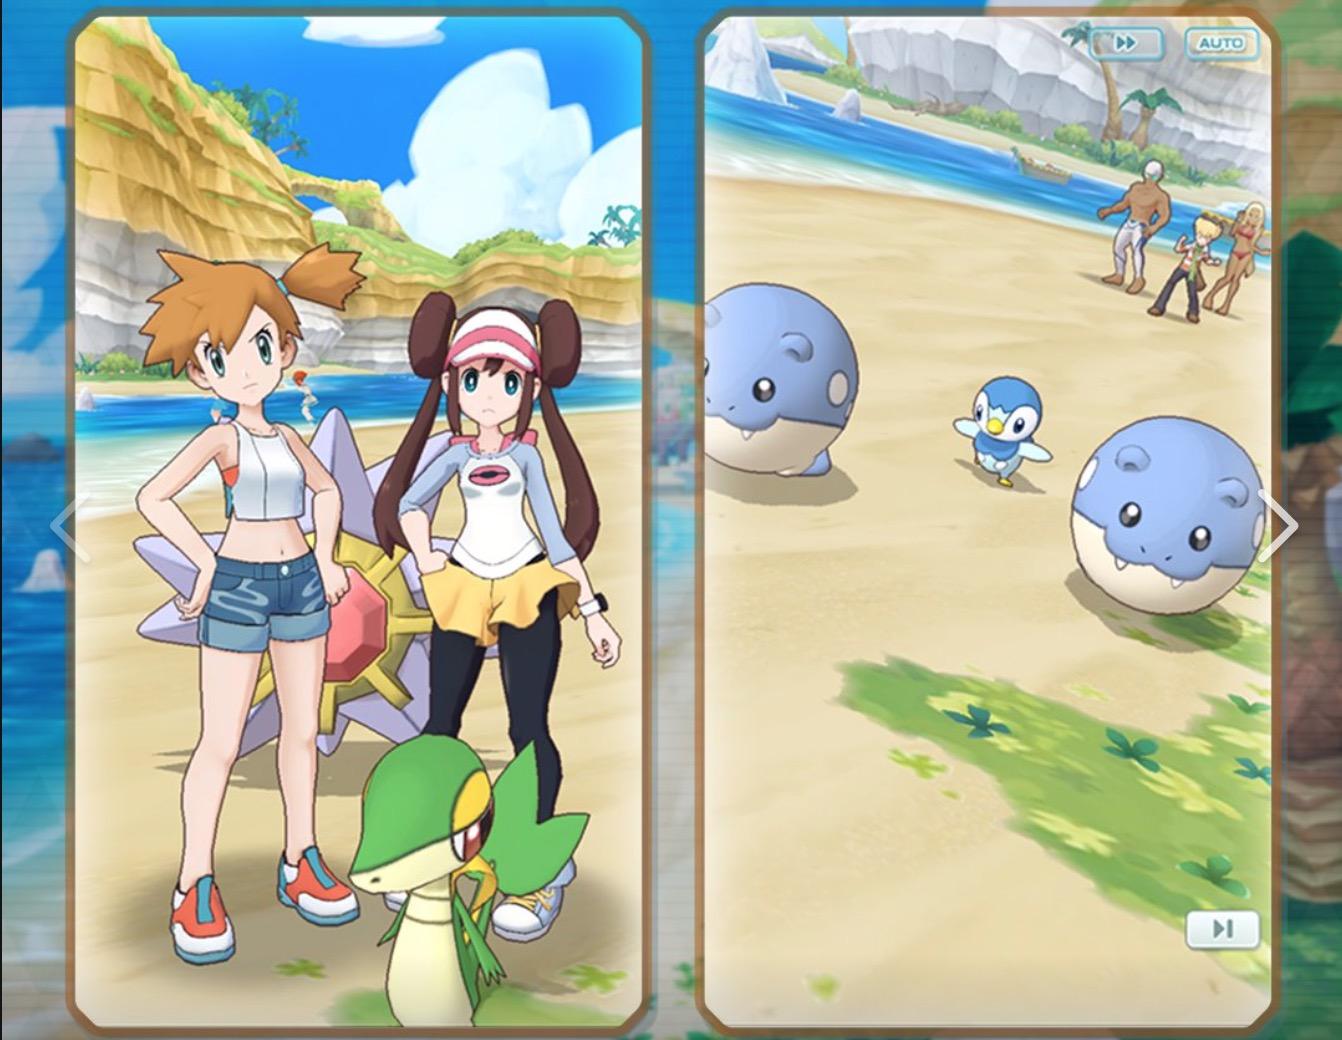 Kostenlose Pokemon Masters für iOS und Android. Dies ist ein Spiel, in dem ... Pokemon Trainer gesammelt werden 2